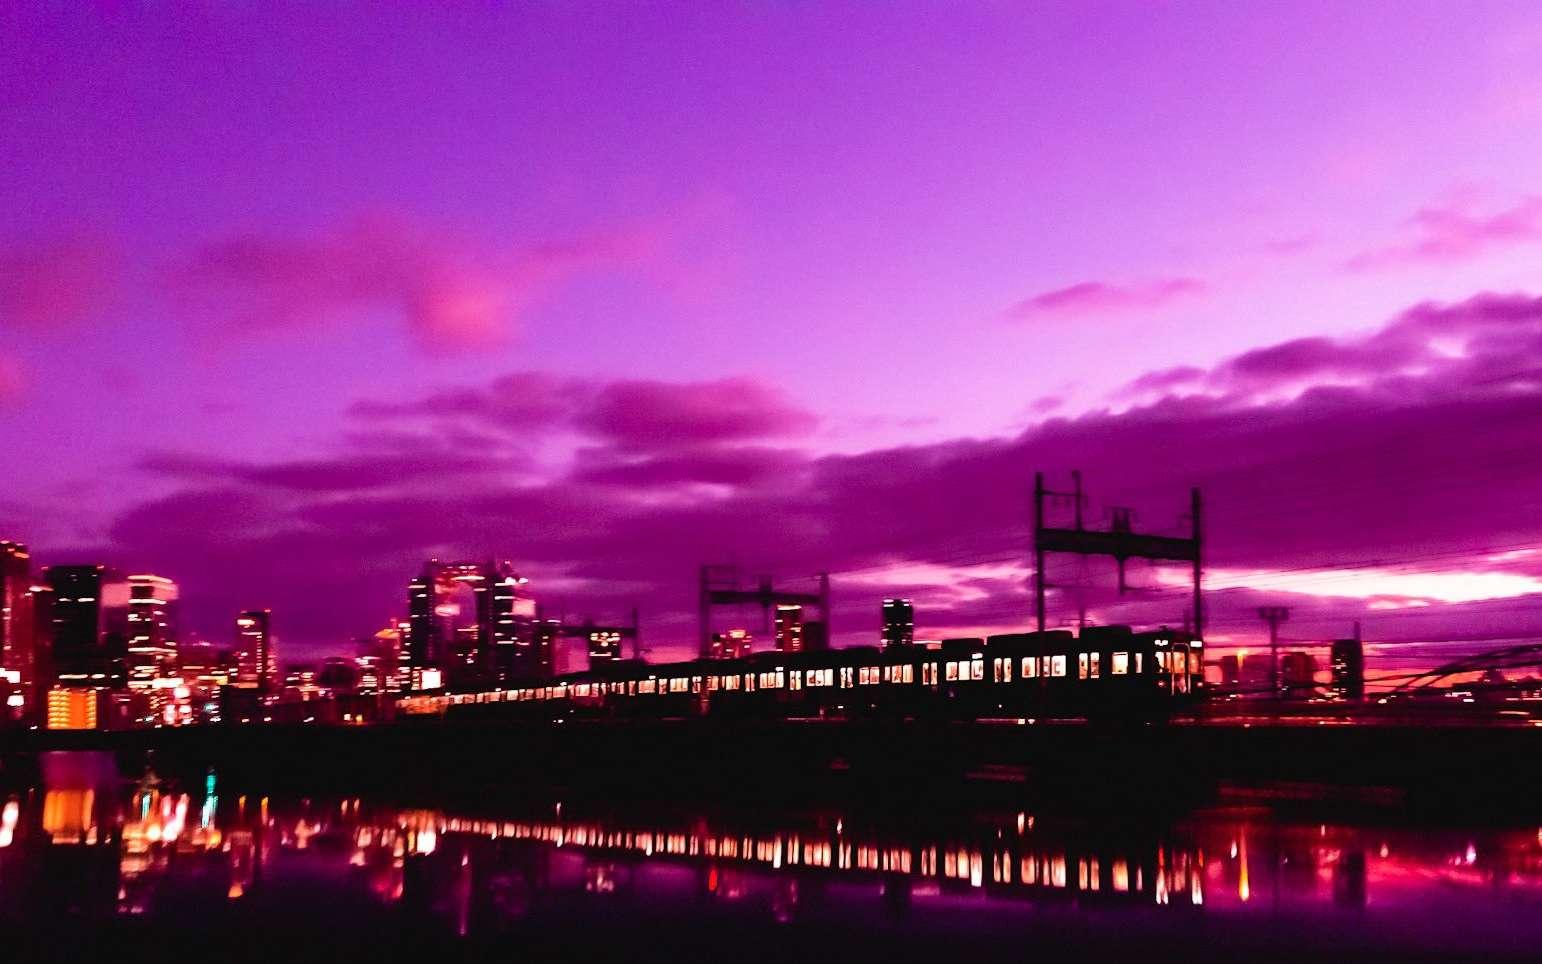 Japon : l'incroyable ciel violet avant le passage du typhon Hagibis